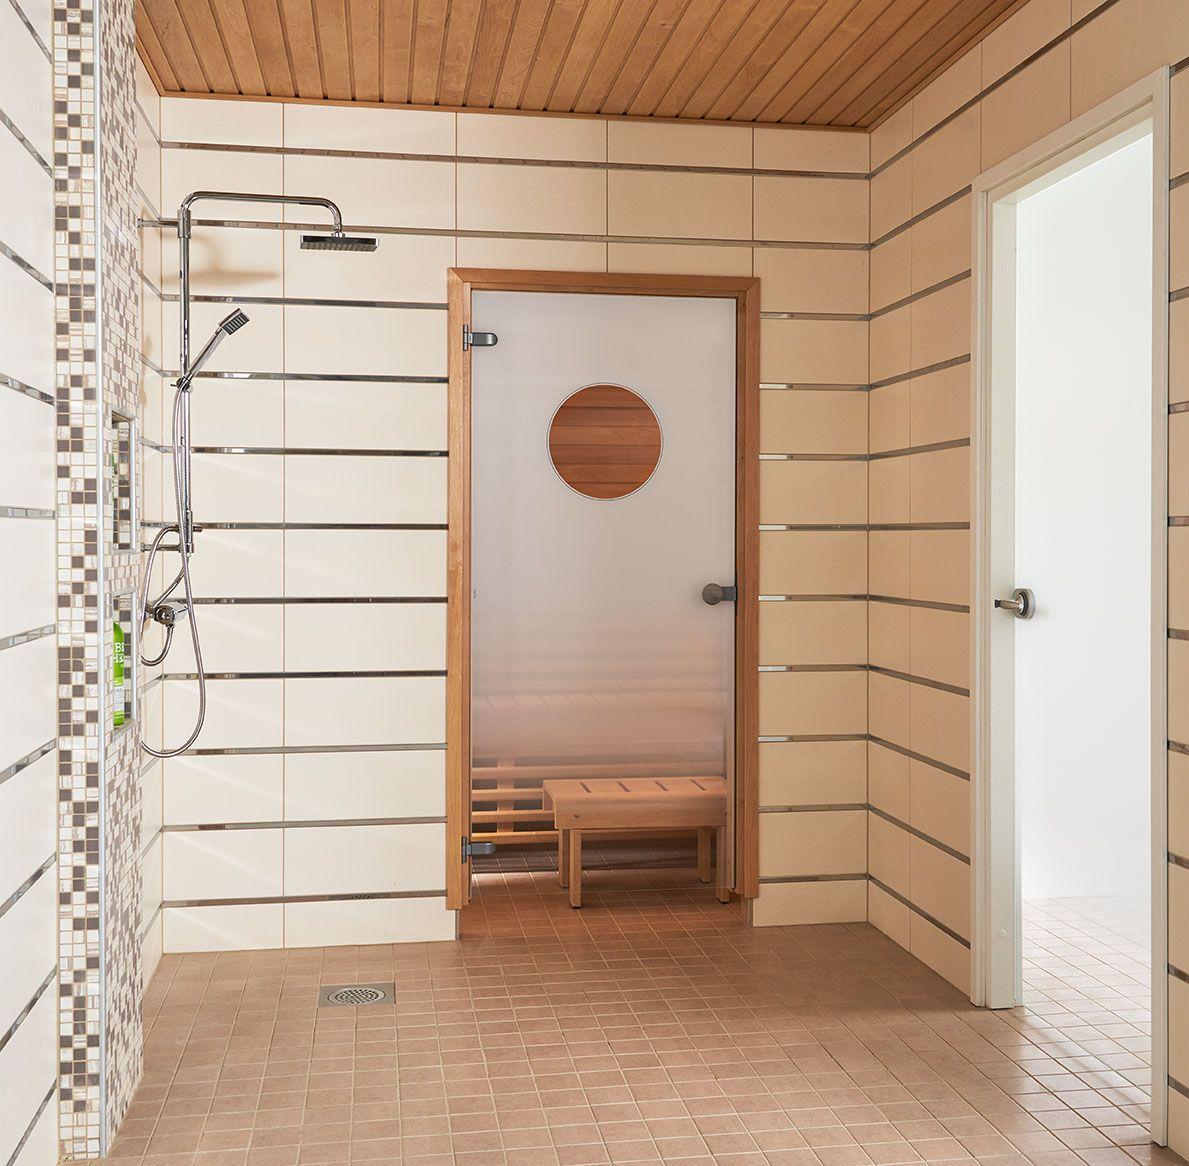 Полы в бане в помывочной своими руками - 3 варианта обустройства!